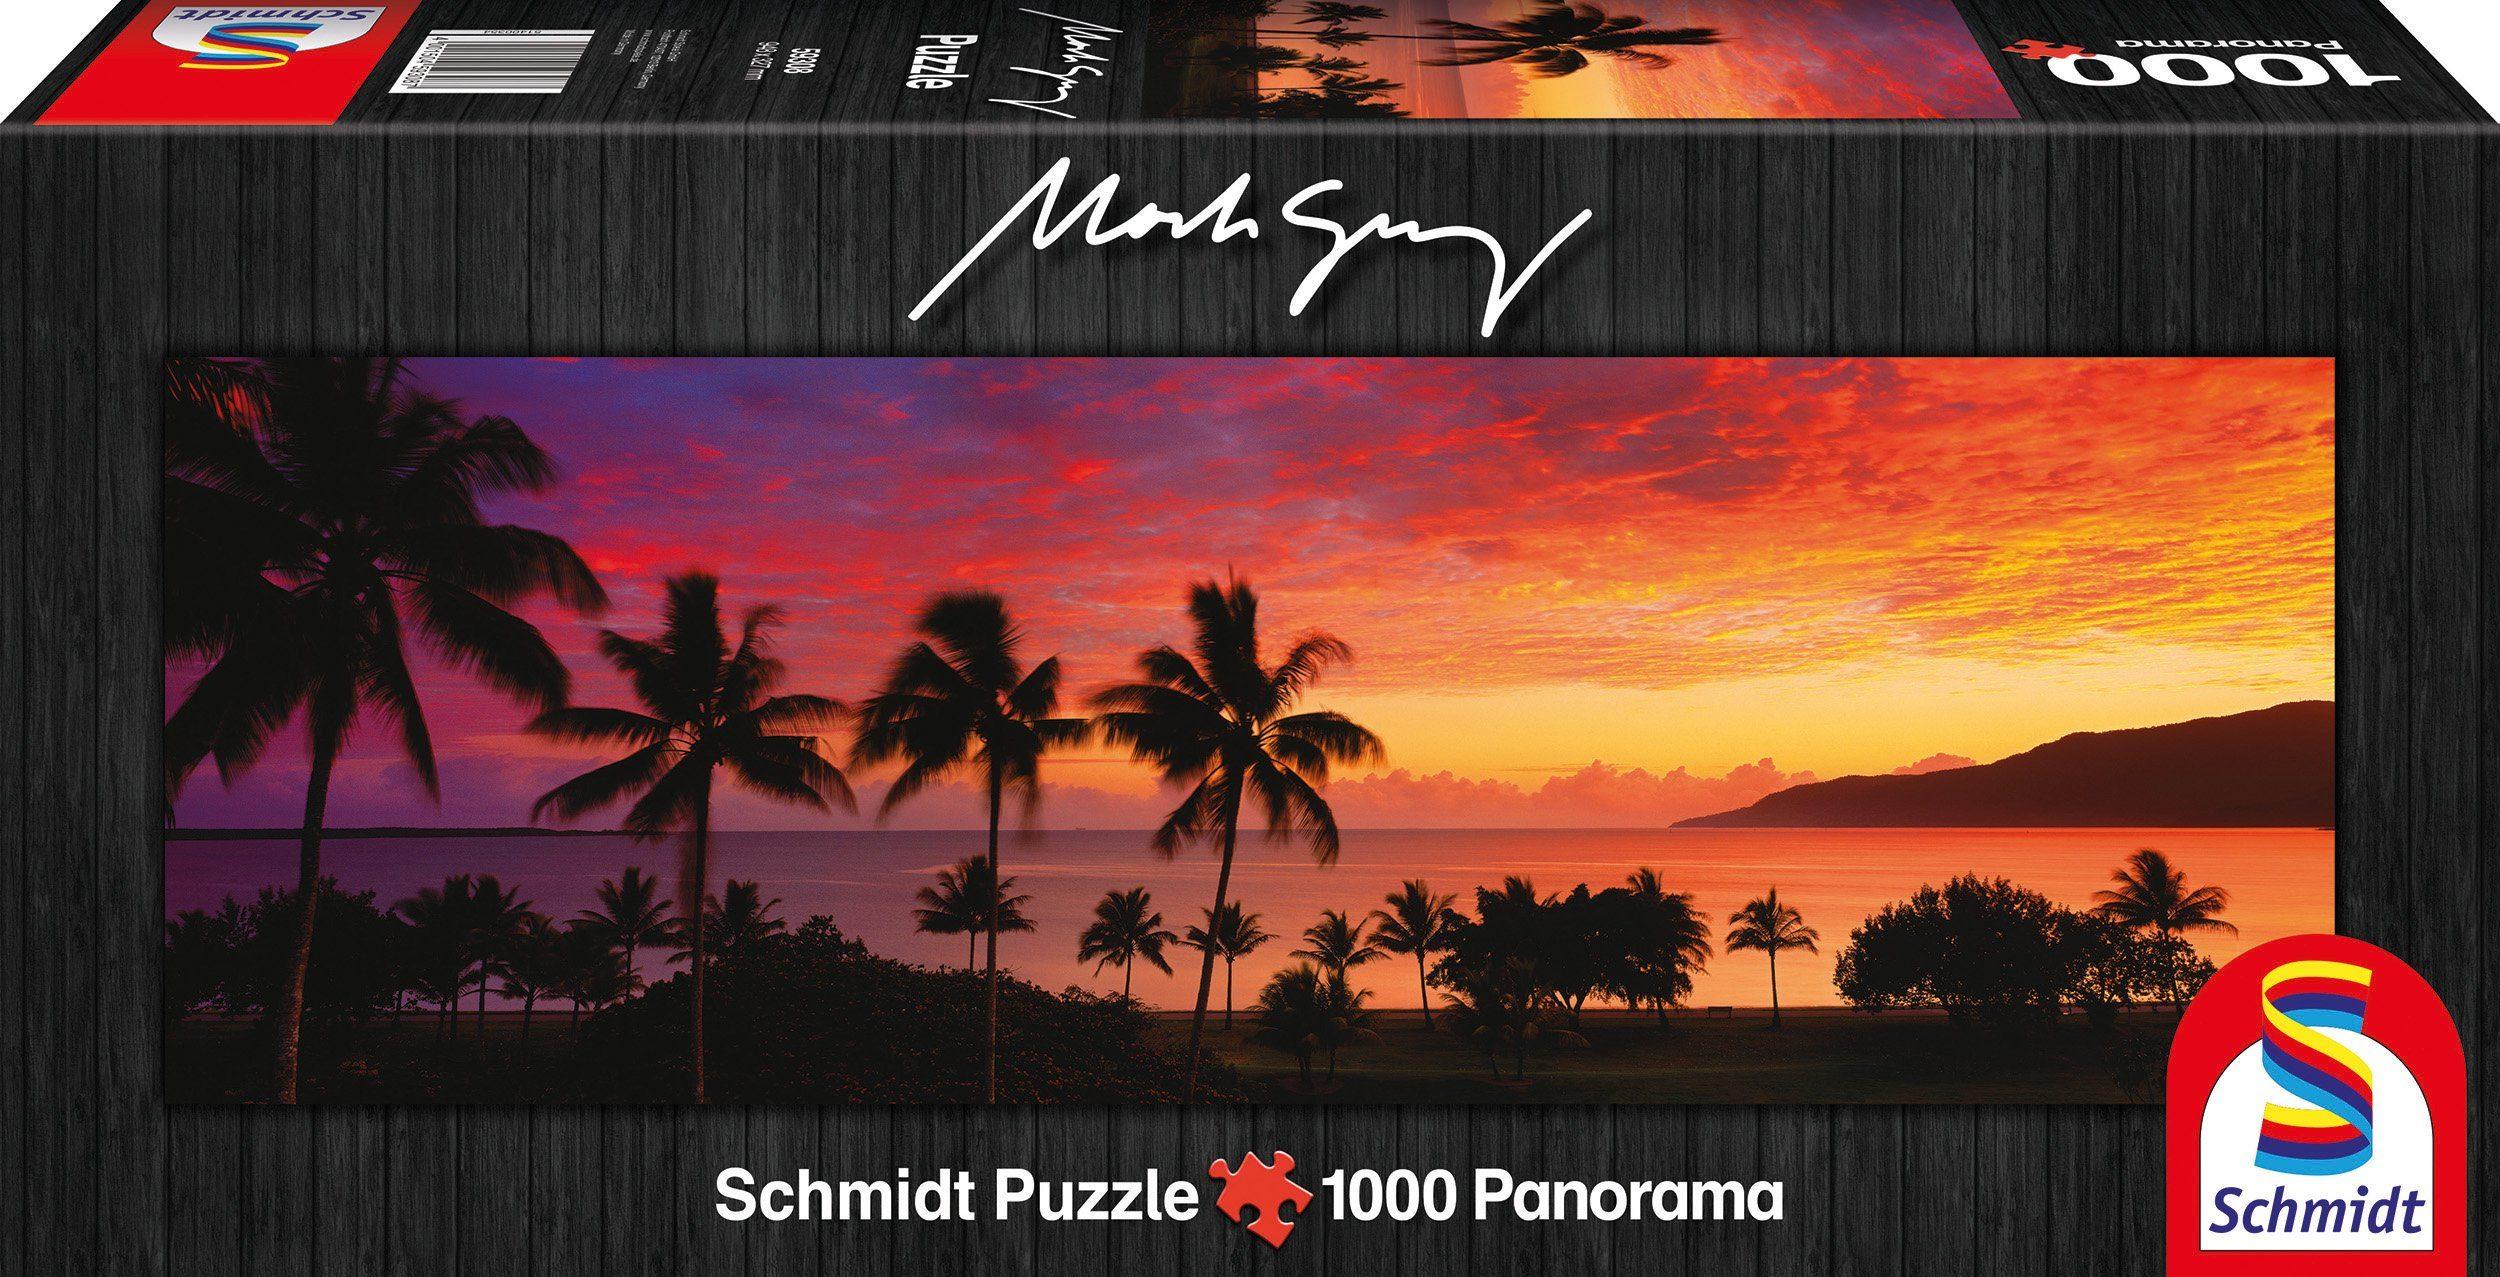 Schmidt Spiele Panoramapuzzle mit 1000 Teilen, »Trinity Bay, Cairns, Queensland, Australia«